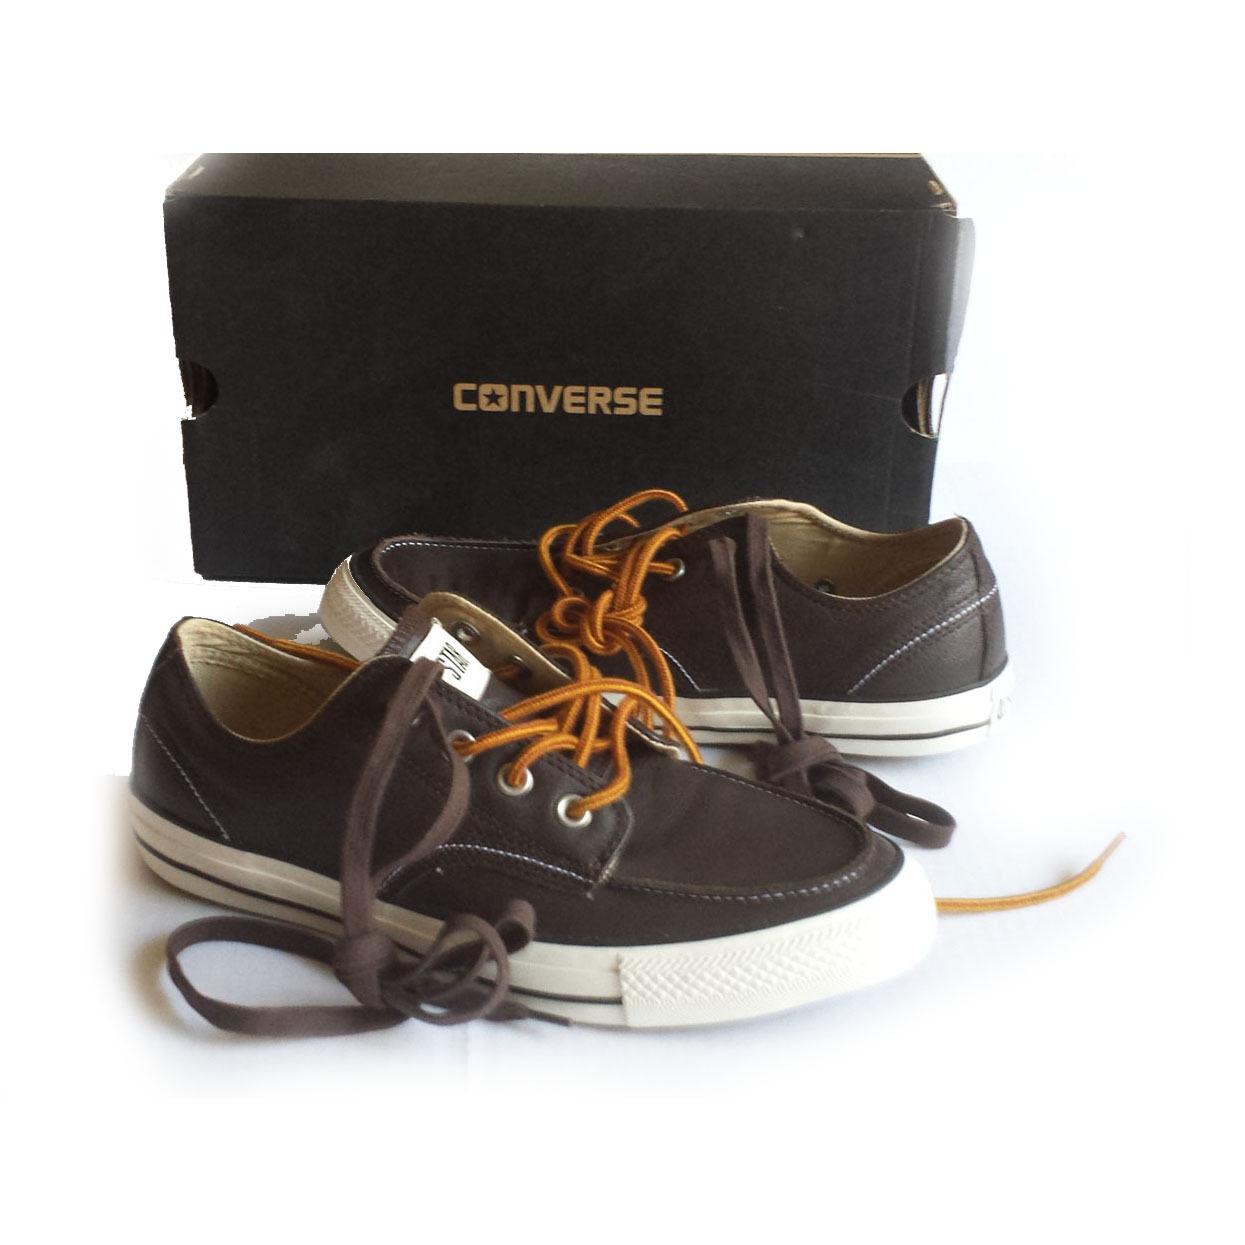 Converse Zapatos Marrón Cuero bajo Top Zapatos Converse  de hombre Mujeres Tamaño 10 conjunto de dos cordones 20741d